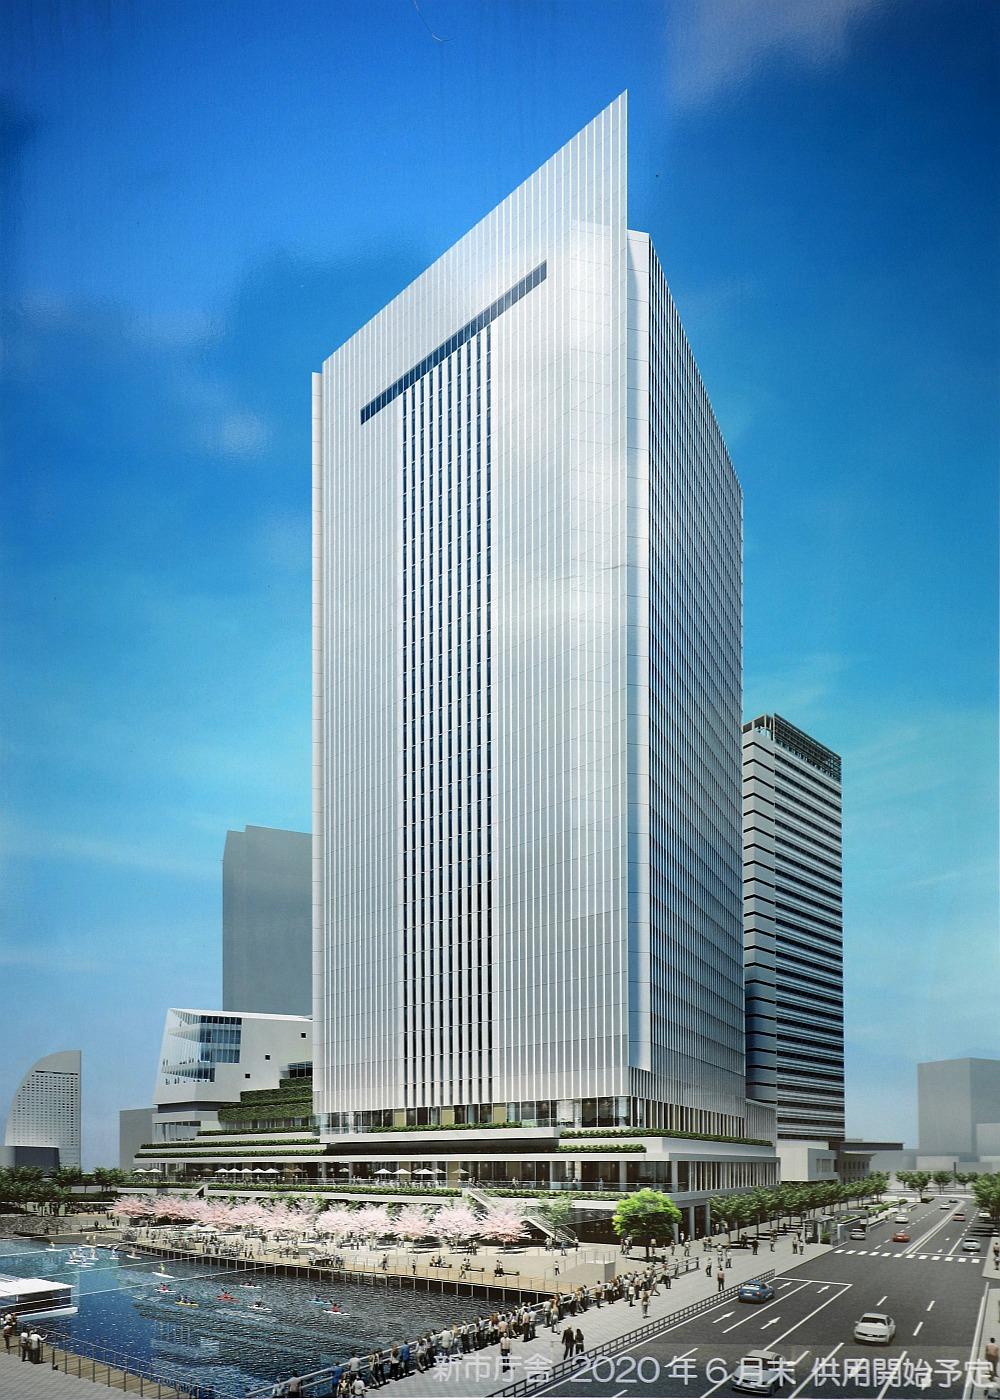 横浜市庁舎 : 超高層マンション・超高層ビル